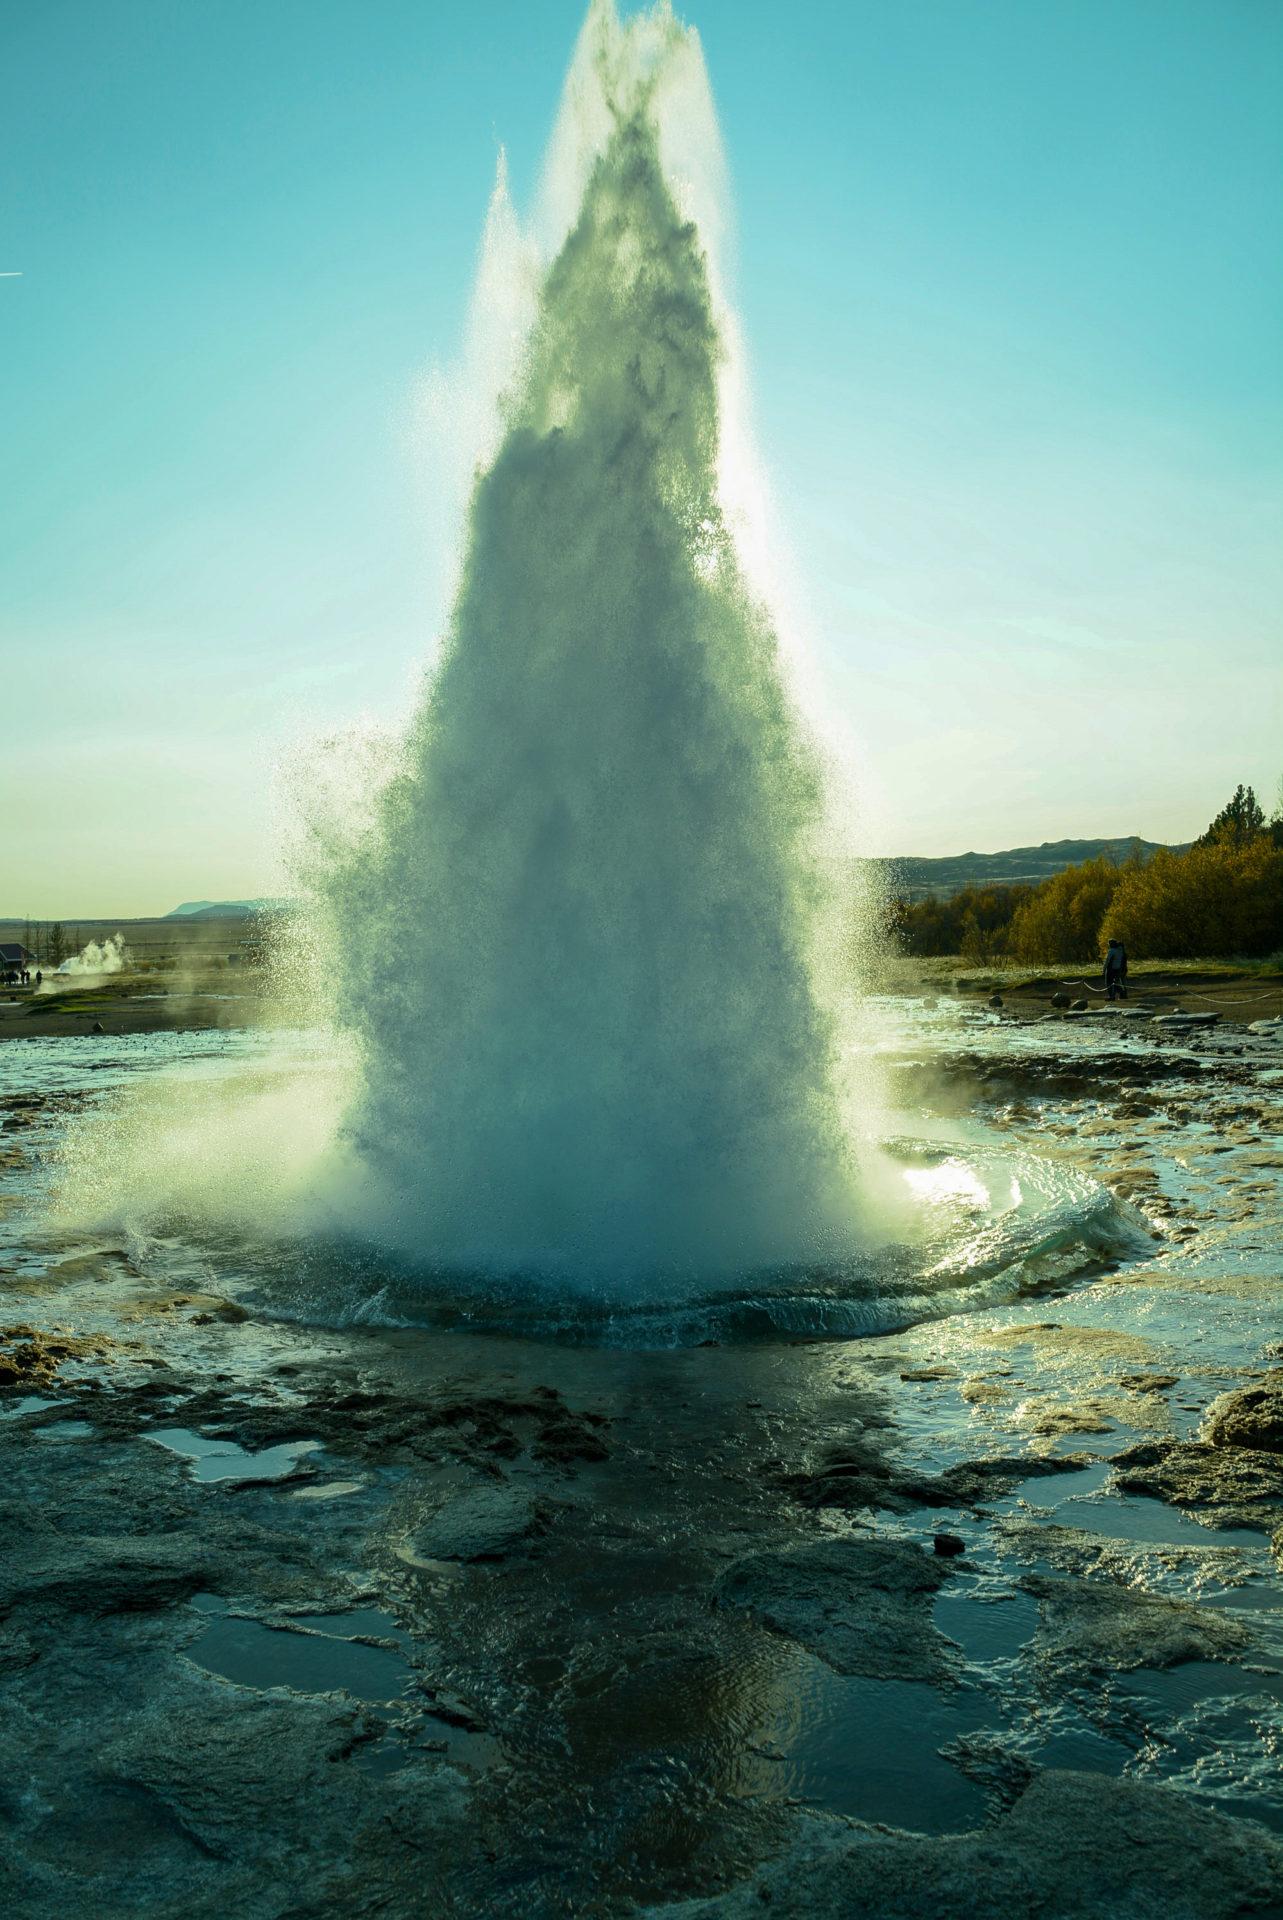 Der Geysir Stokkur im Goldenen Dreieck von Island während einer Eruption